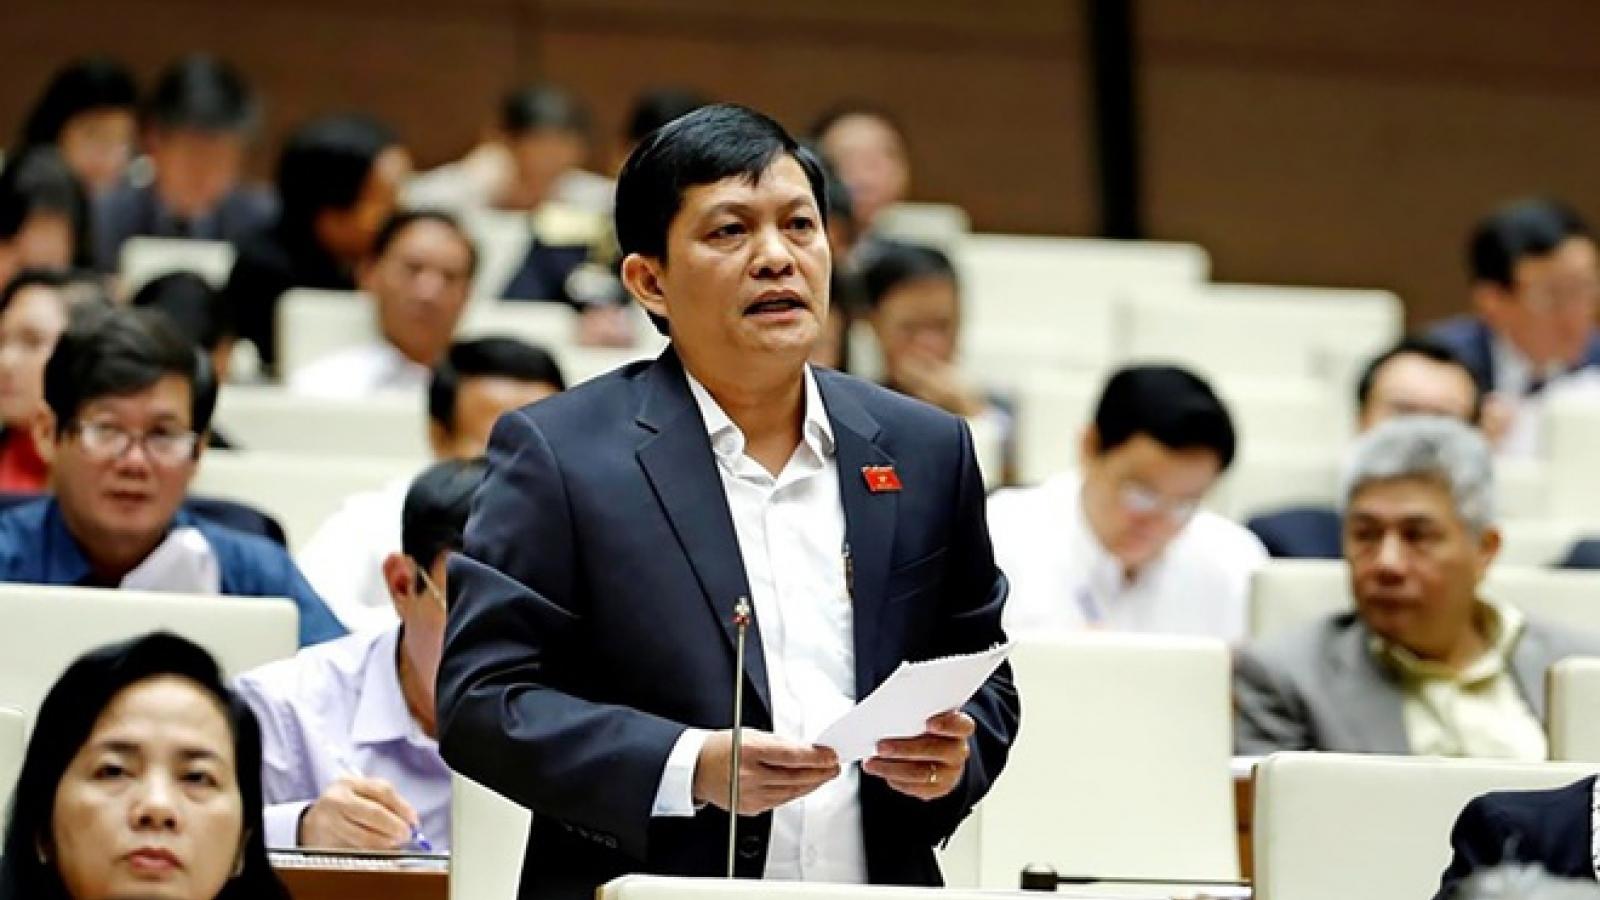 TPHCM sẽ giải quyết vụ việc ông Phạm Phú Quốc trong tháng 9